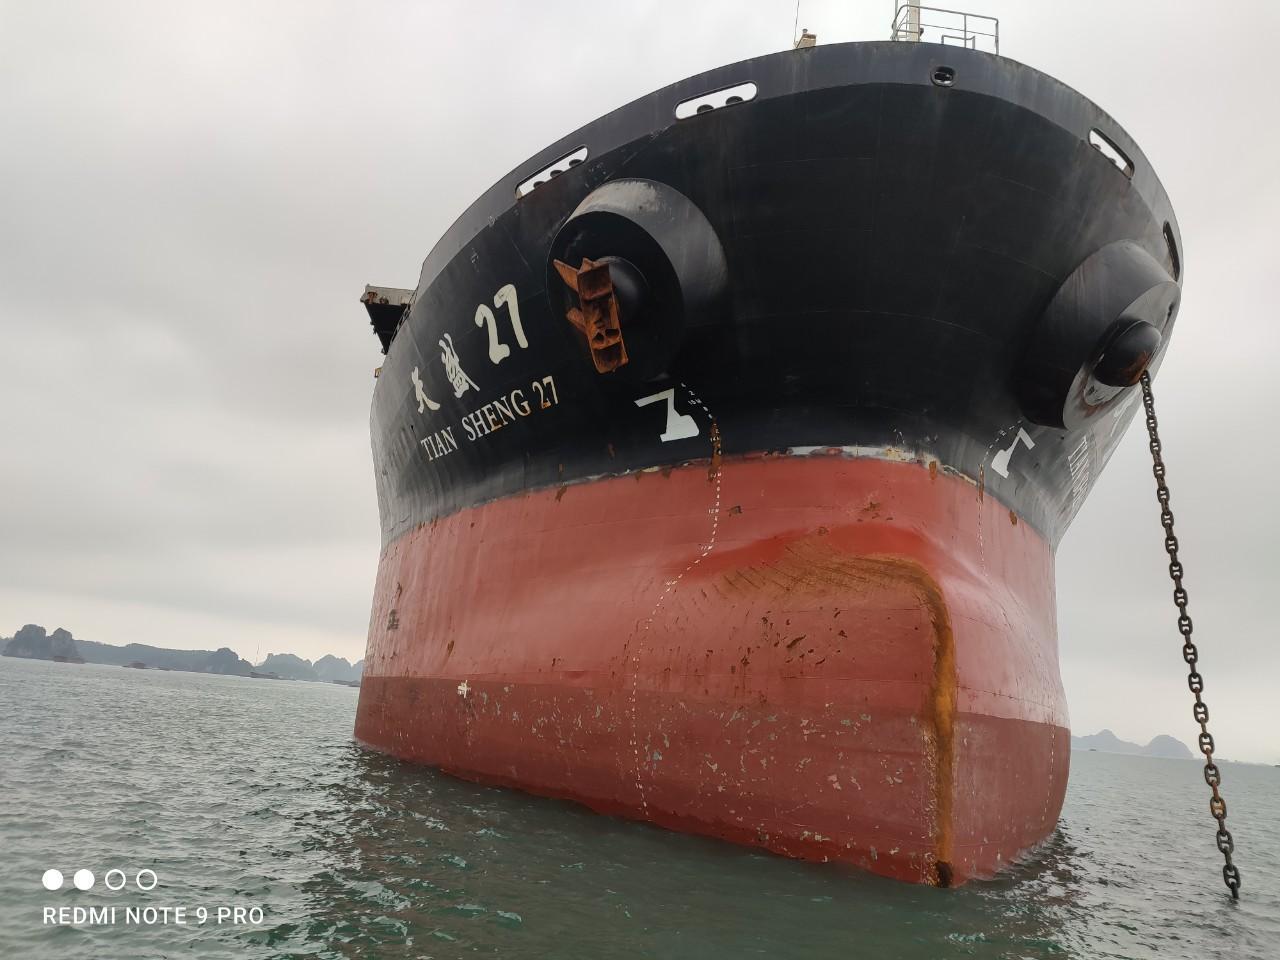 Xuất khẩu clinker tháng 03/2021 (tàu M/V TIAN SHENG 27)